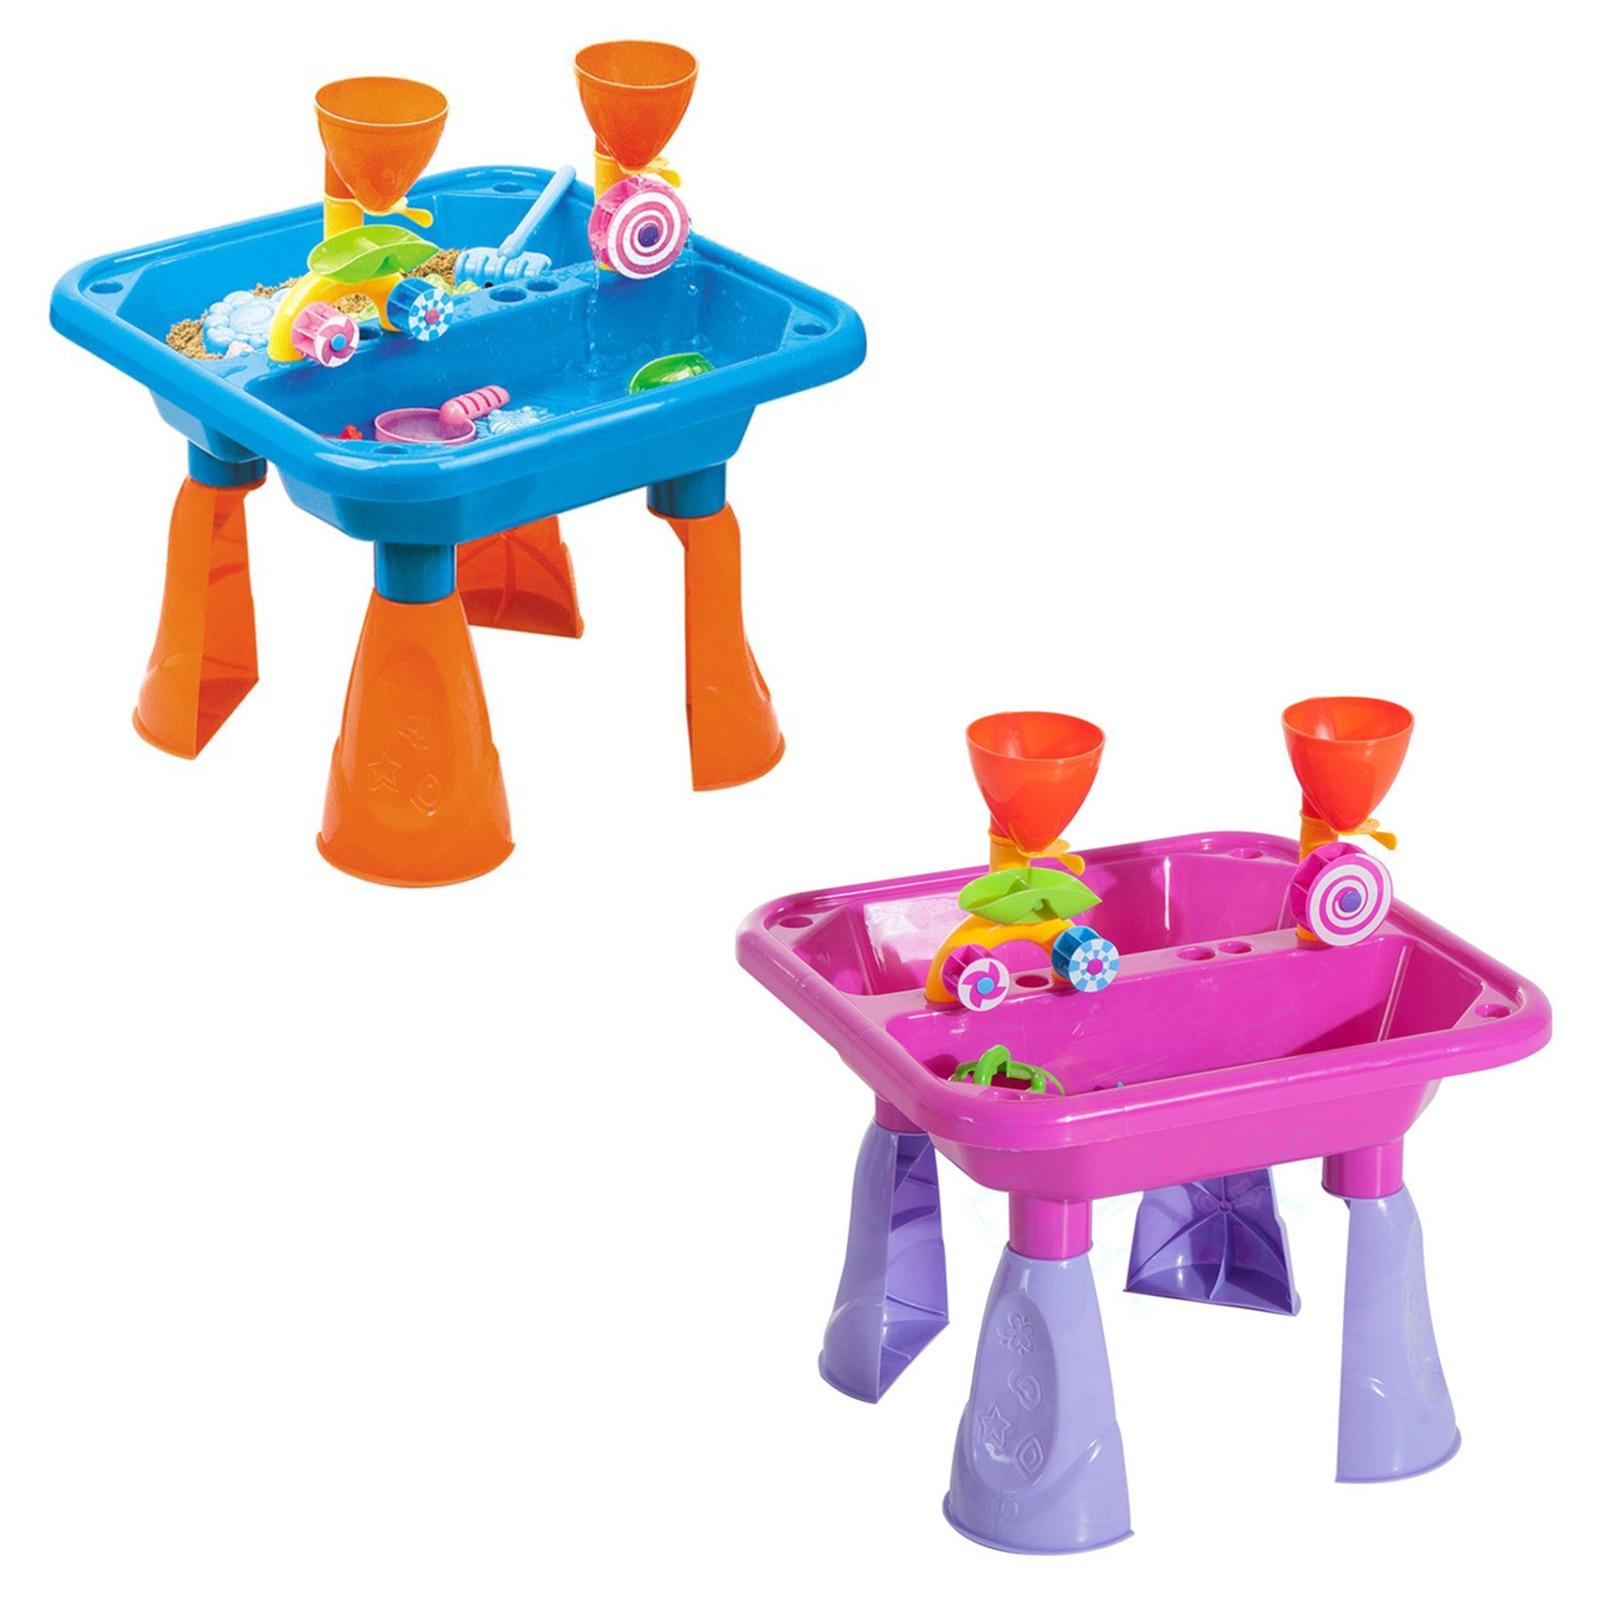 Детская пляжная стол песок игрушки для детей набор для песок инструменты для копания летняя детская песочница родитель-ребенок интерактив...